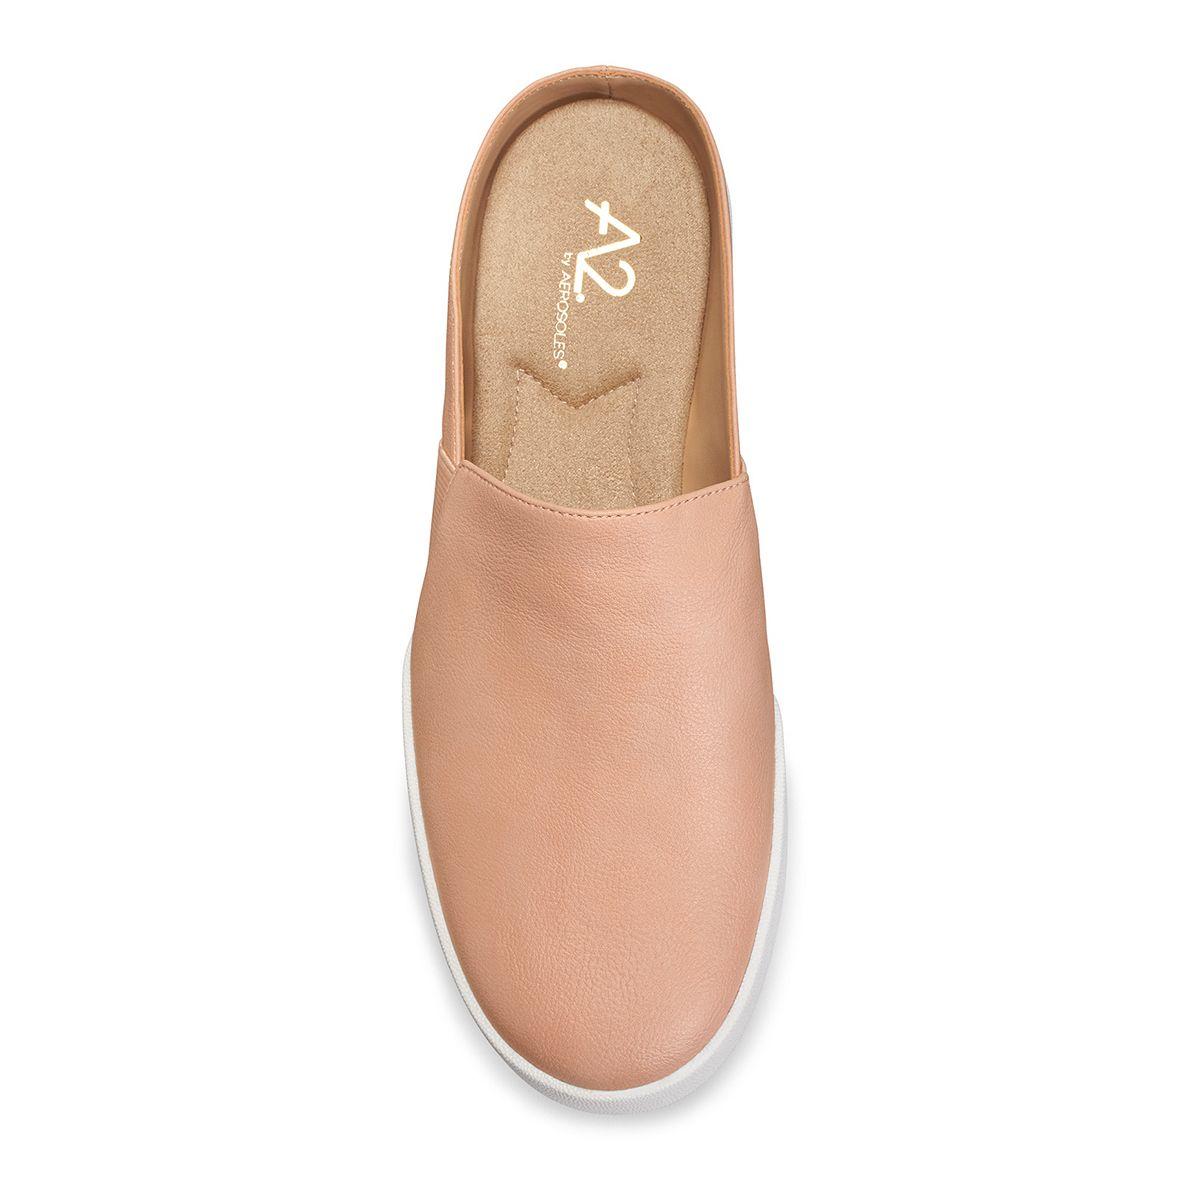 A2 by Aerosoles Women's Modesty Slip-On Walking Shoes jyBga